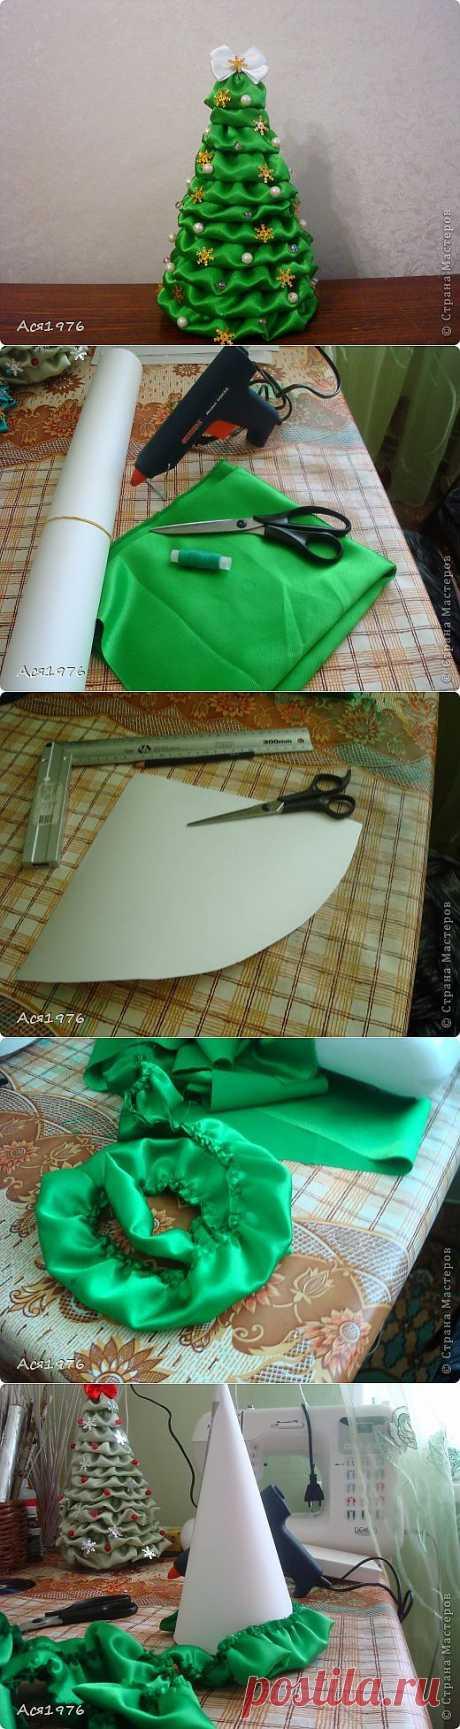 МК текстильной елочки